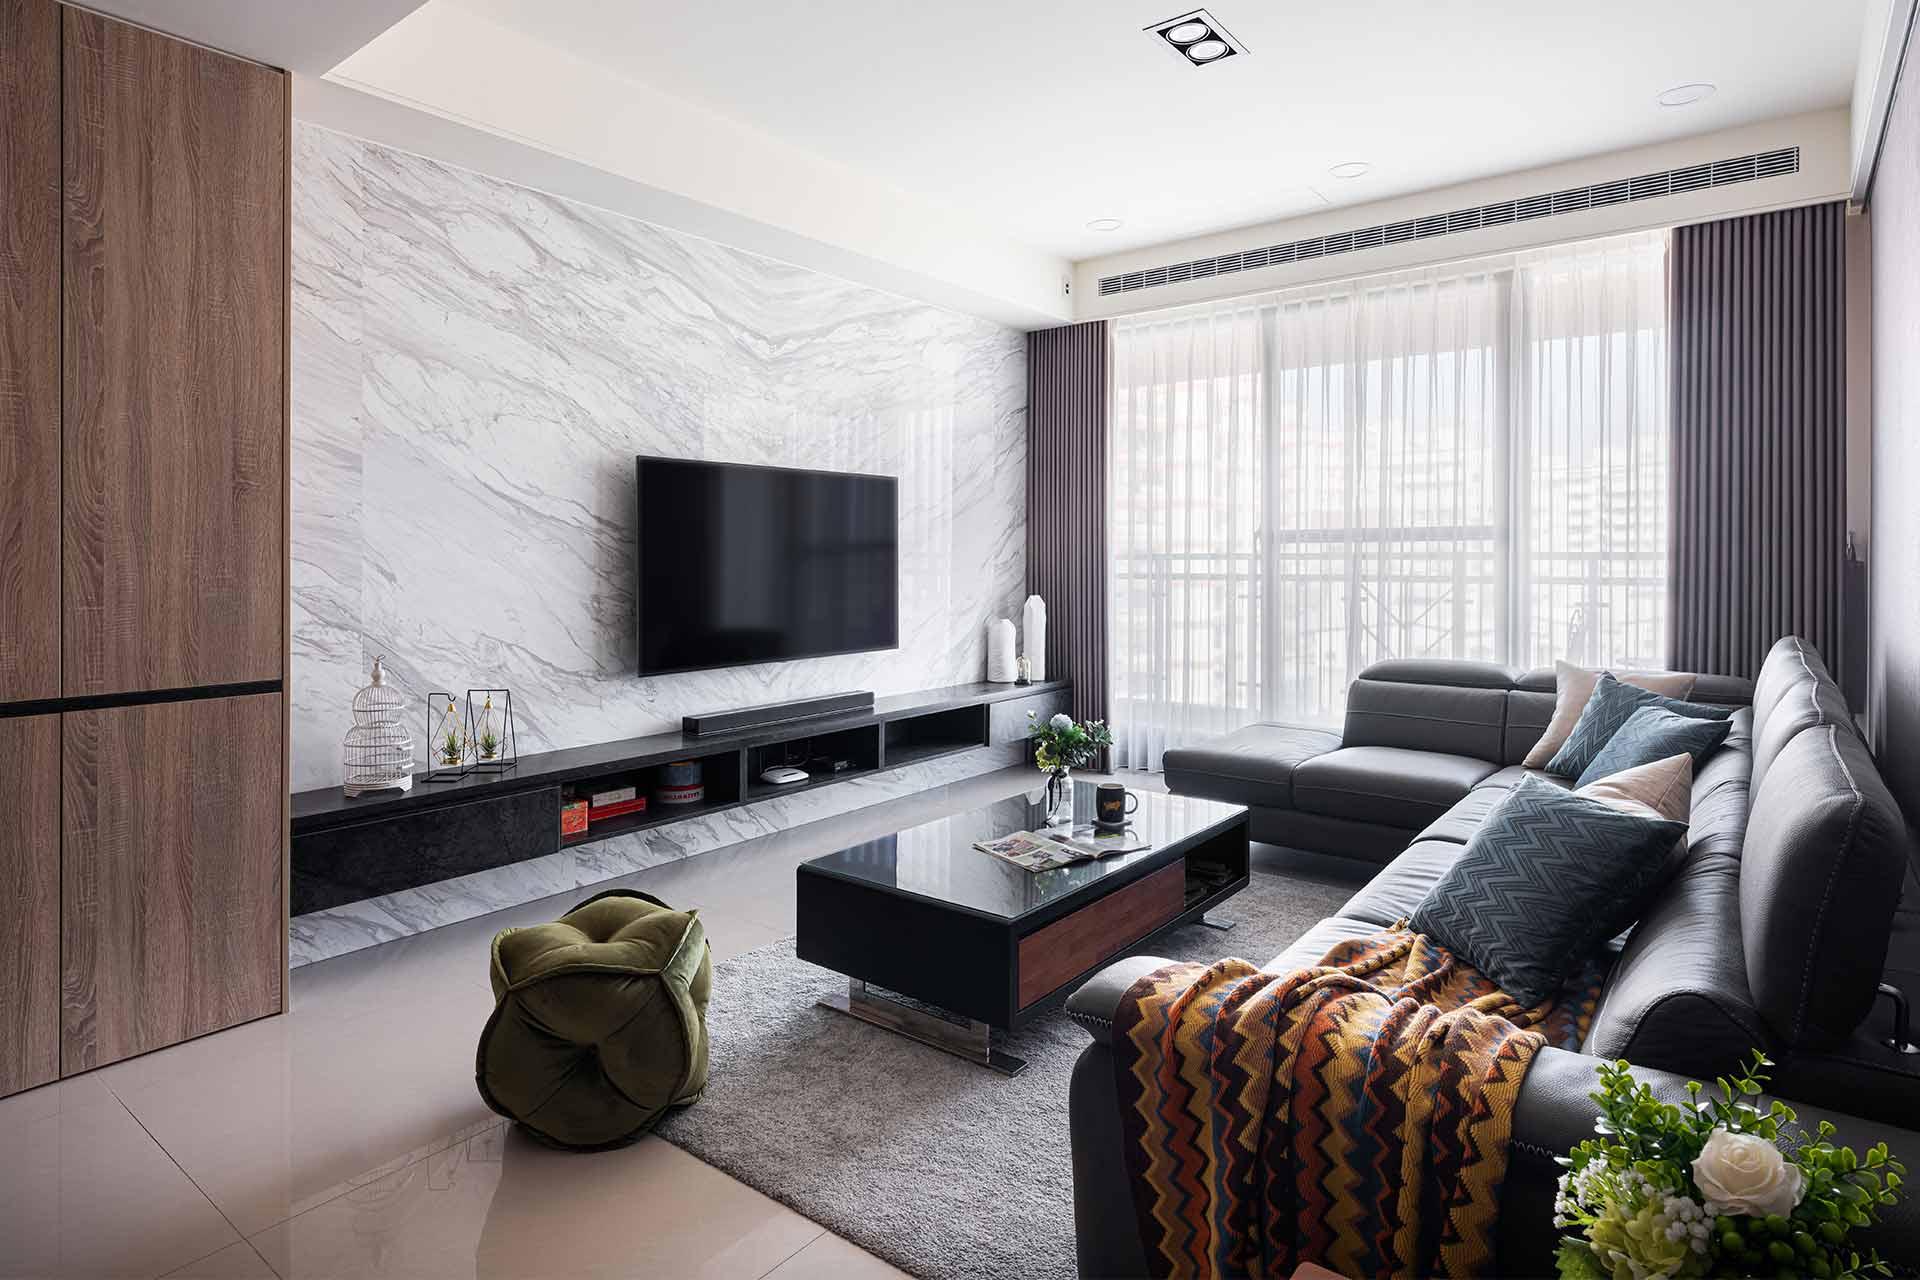 輕奢現代風 靜享精品生活宅,室內設計